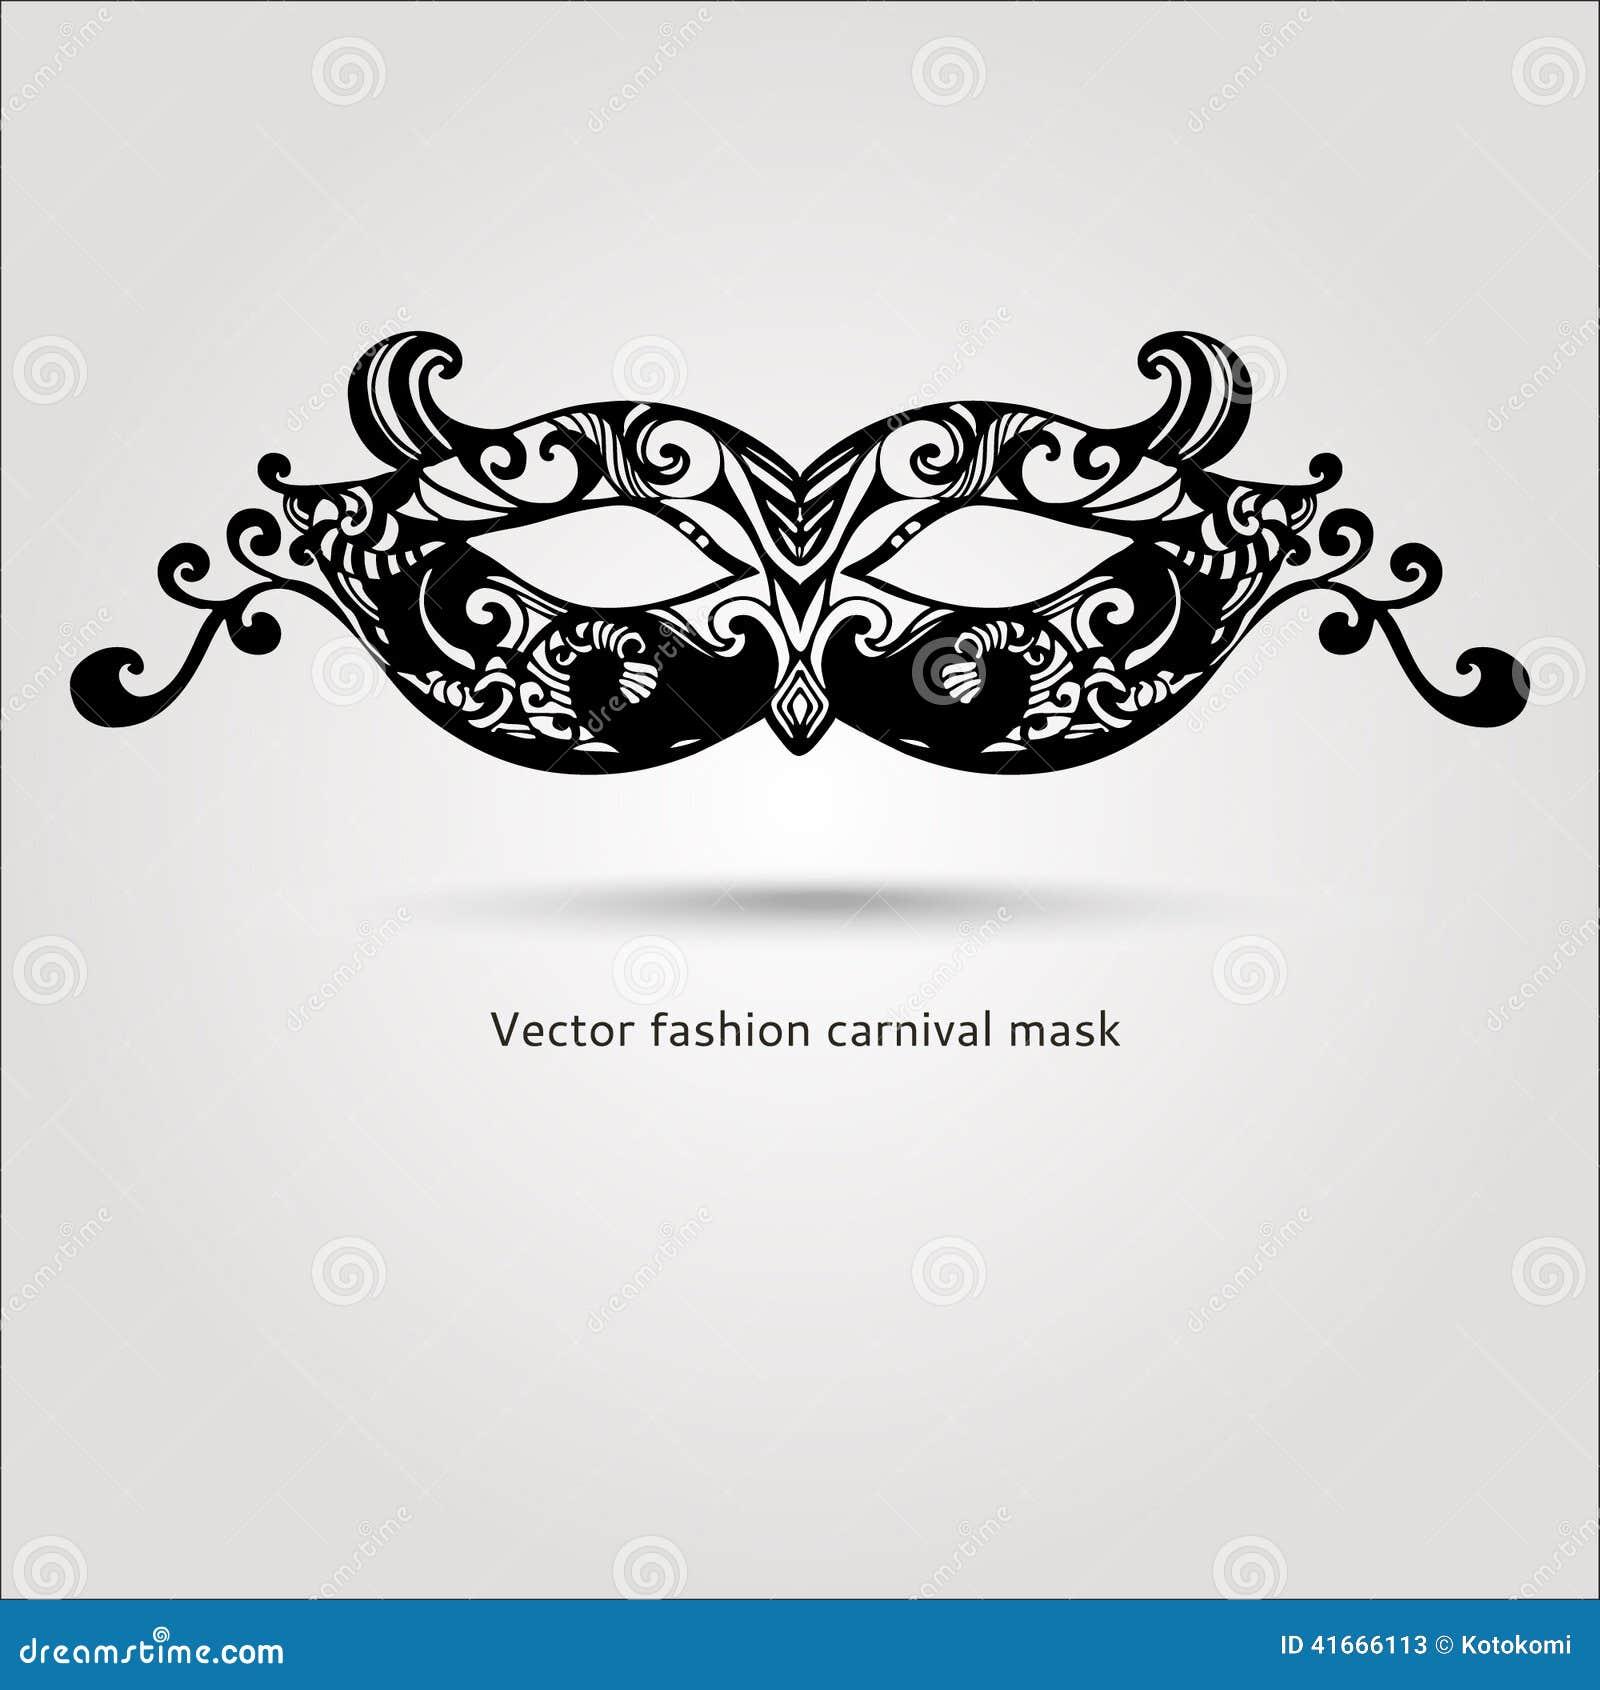 Bdsm Stock Illustrations – 259 Bdsm Stock Illustrations, Vectors ...